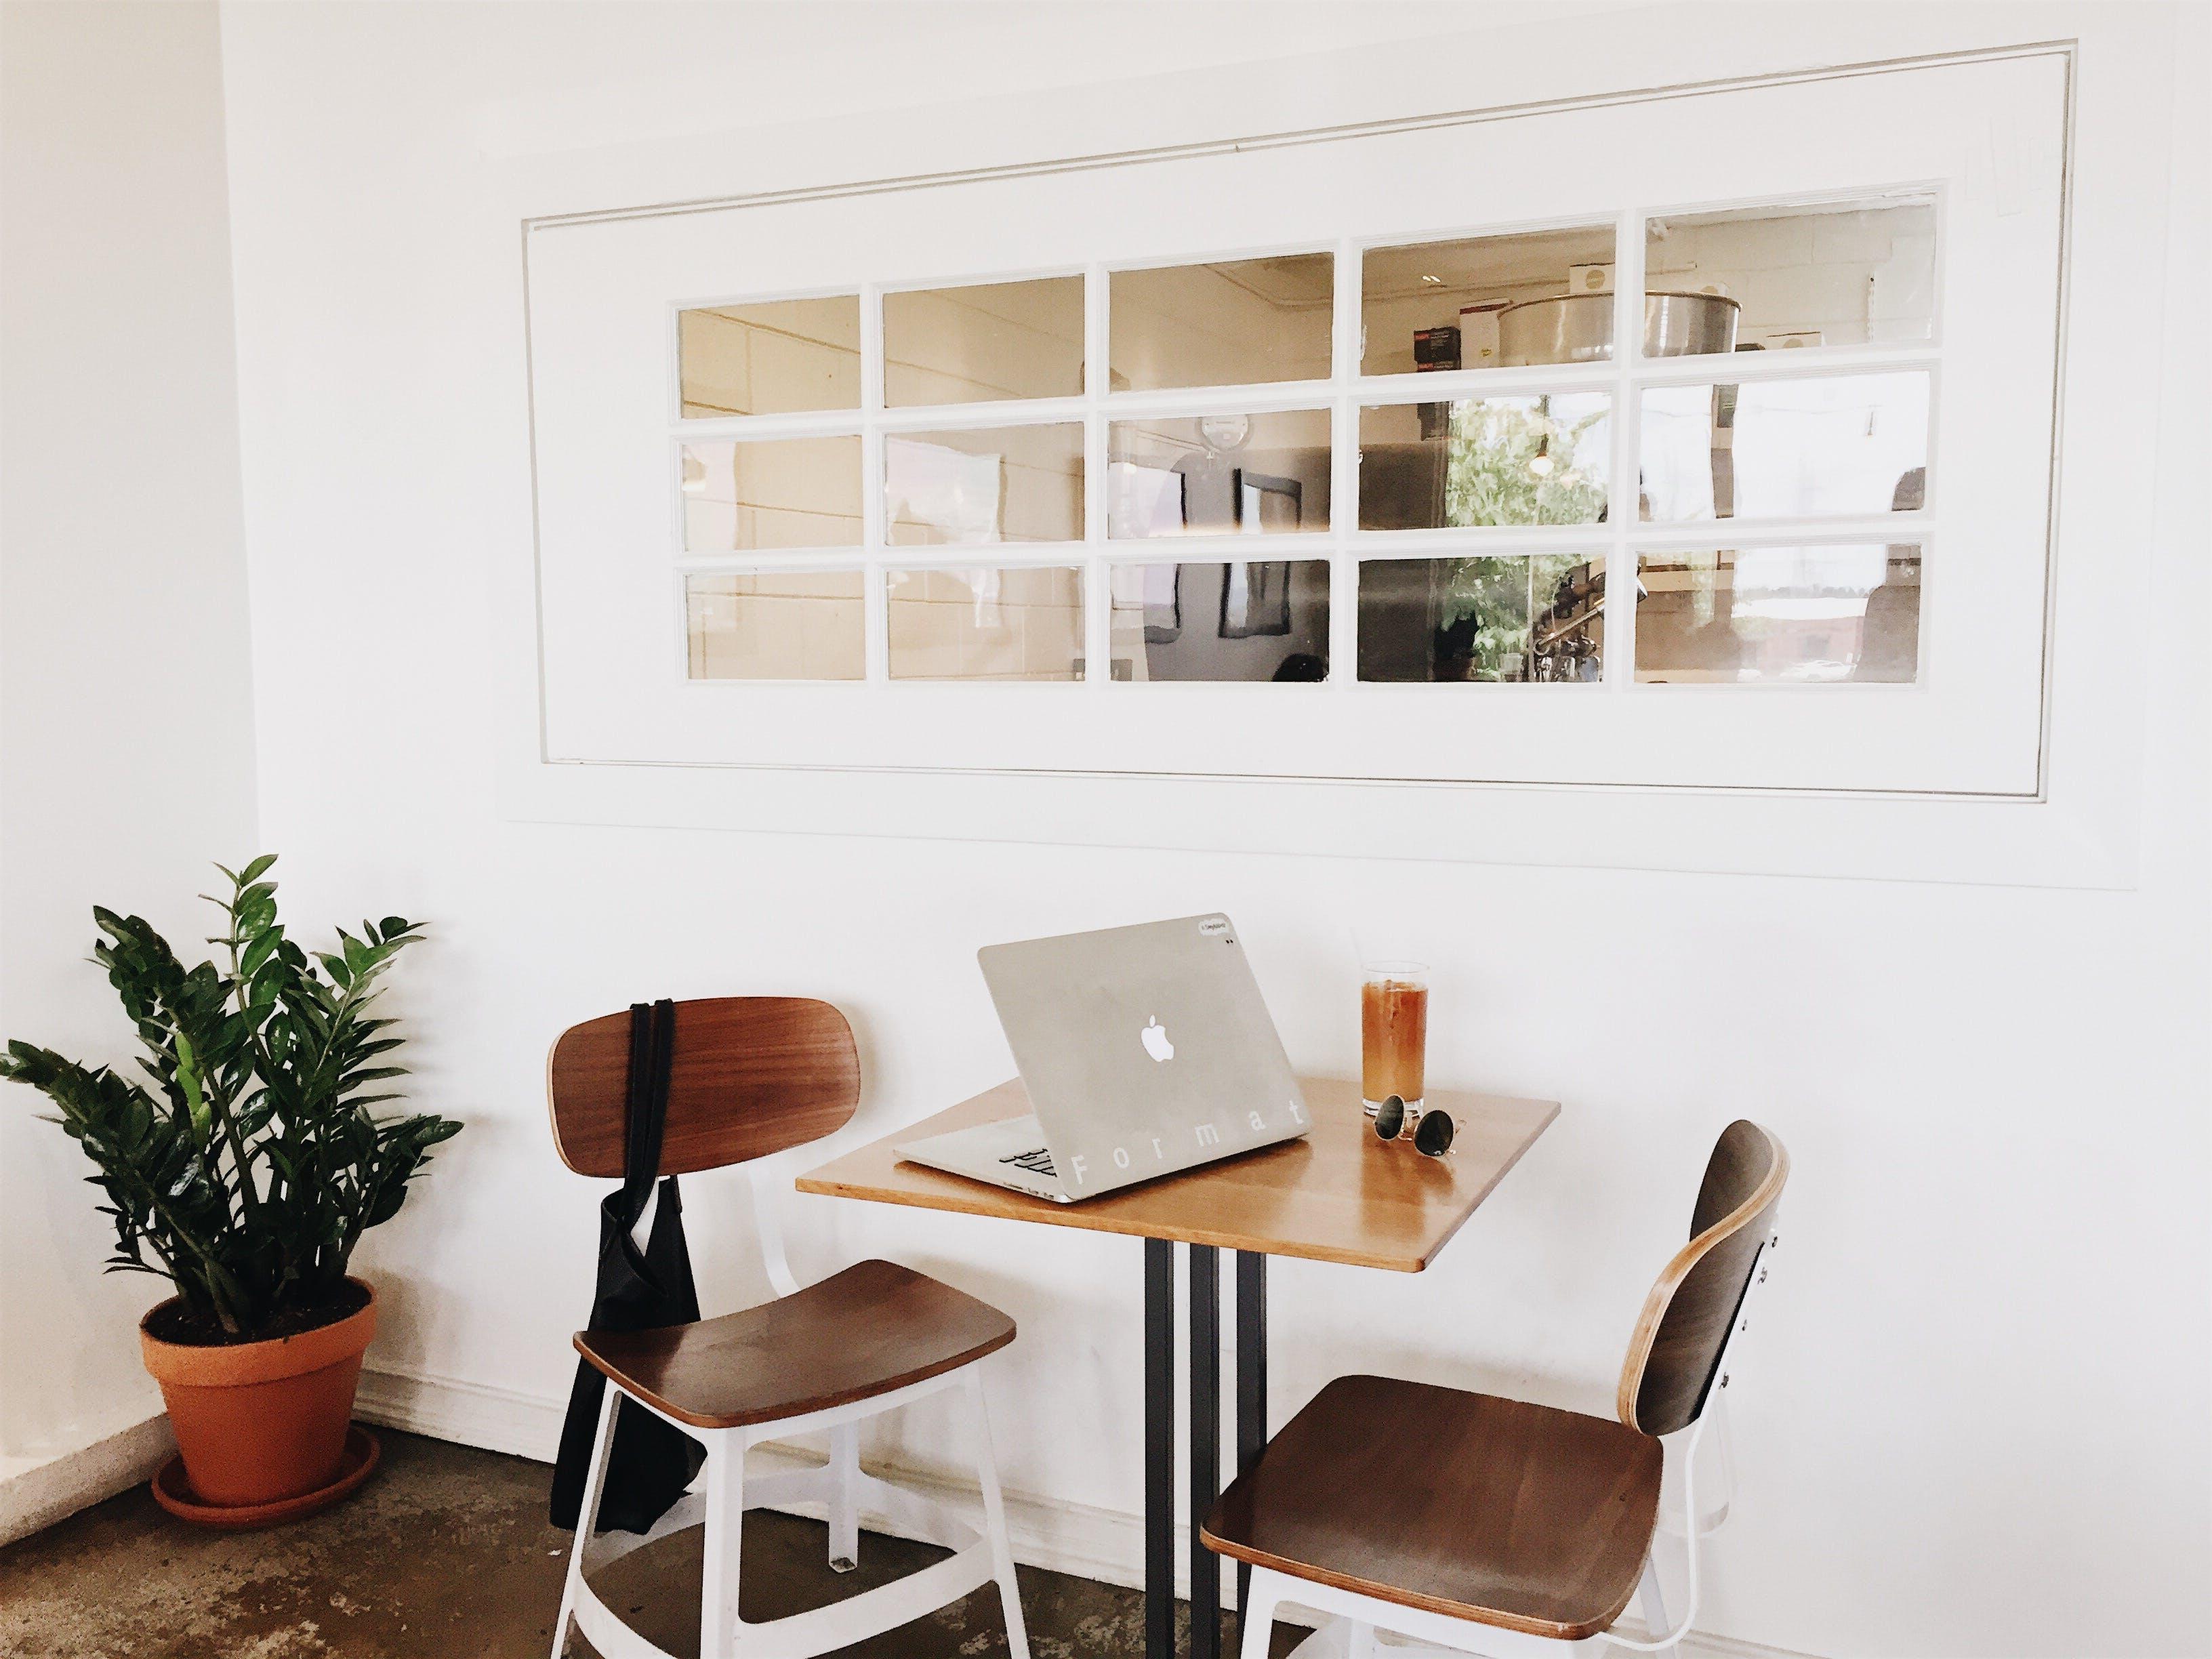 Ingyenes stockfotó barna, belsőépítészet, bútor, fekete-fehér témában